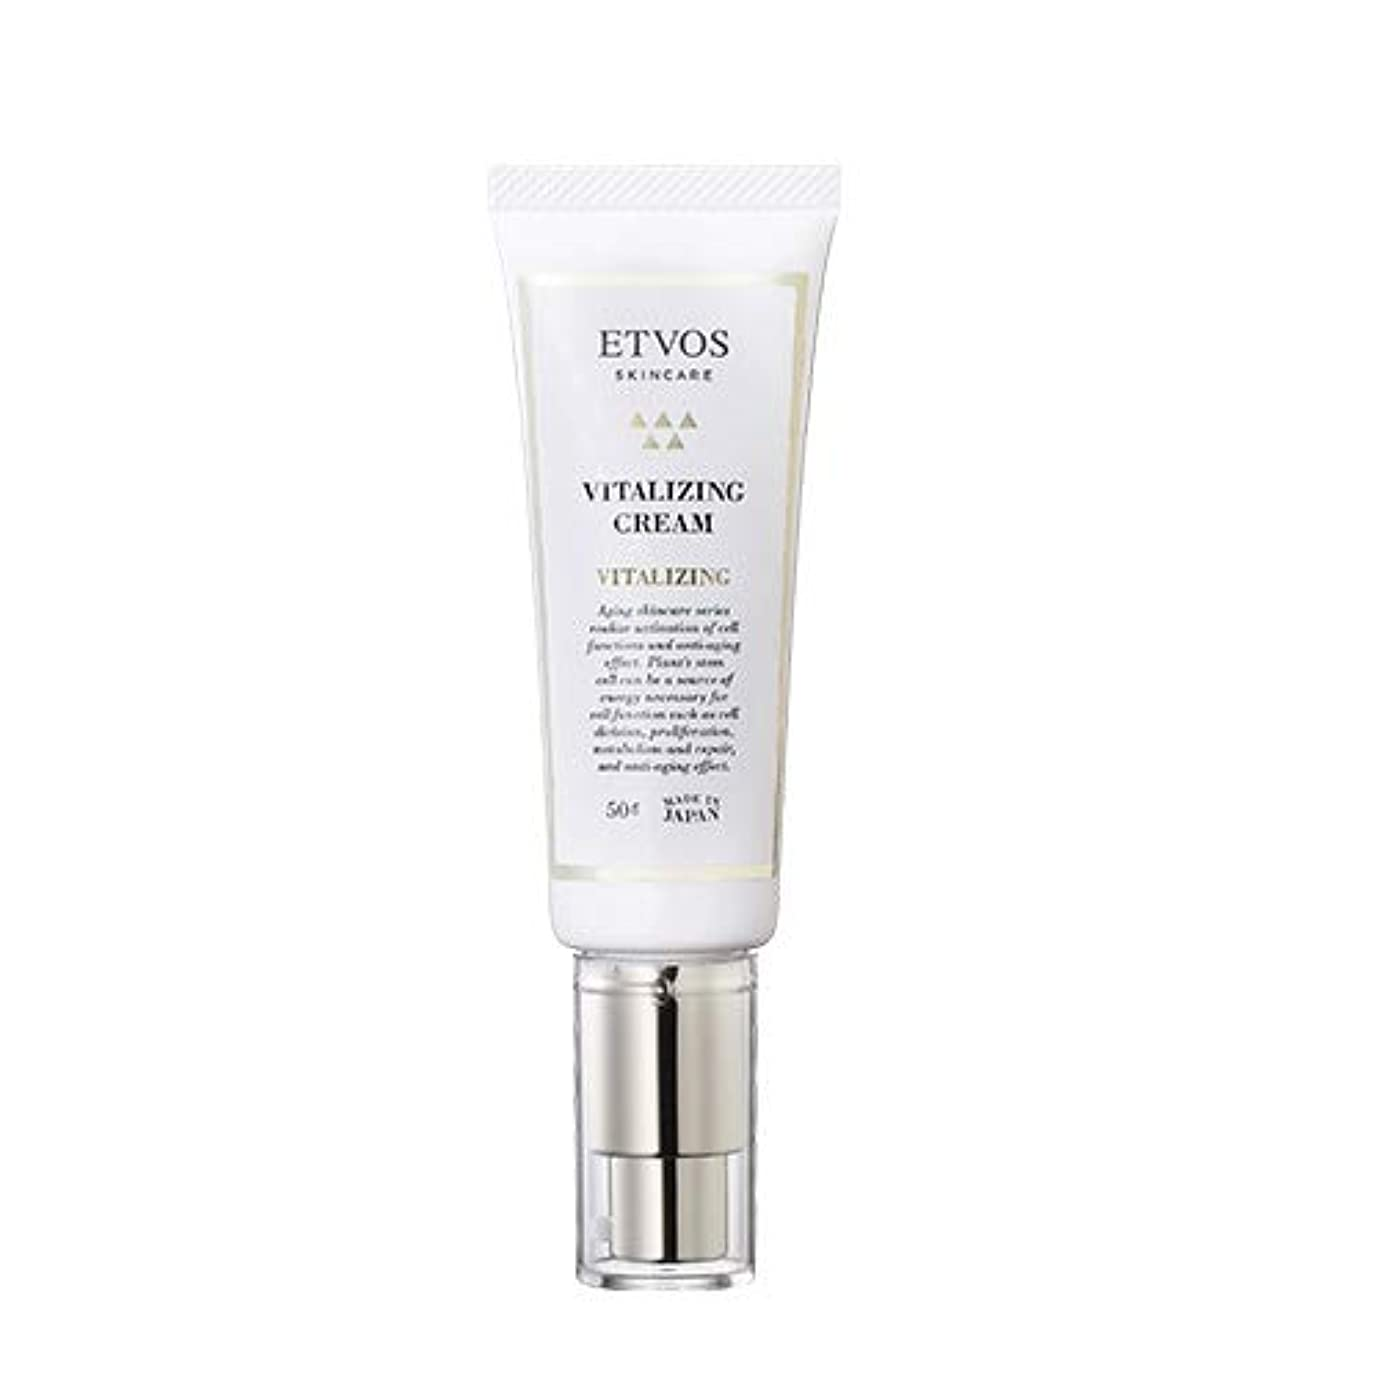 痛い入力それらETVOS(エトヴォス) 美容クリーム バイタライジングクリーム 50g リンゴ幹細胞エキス セラミド エイジング